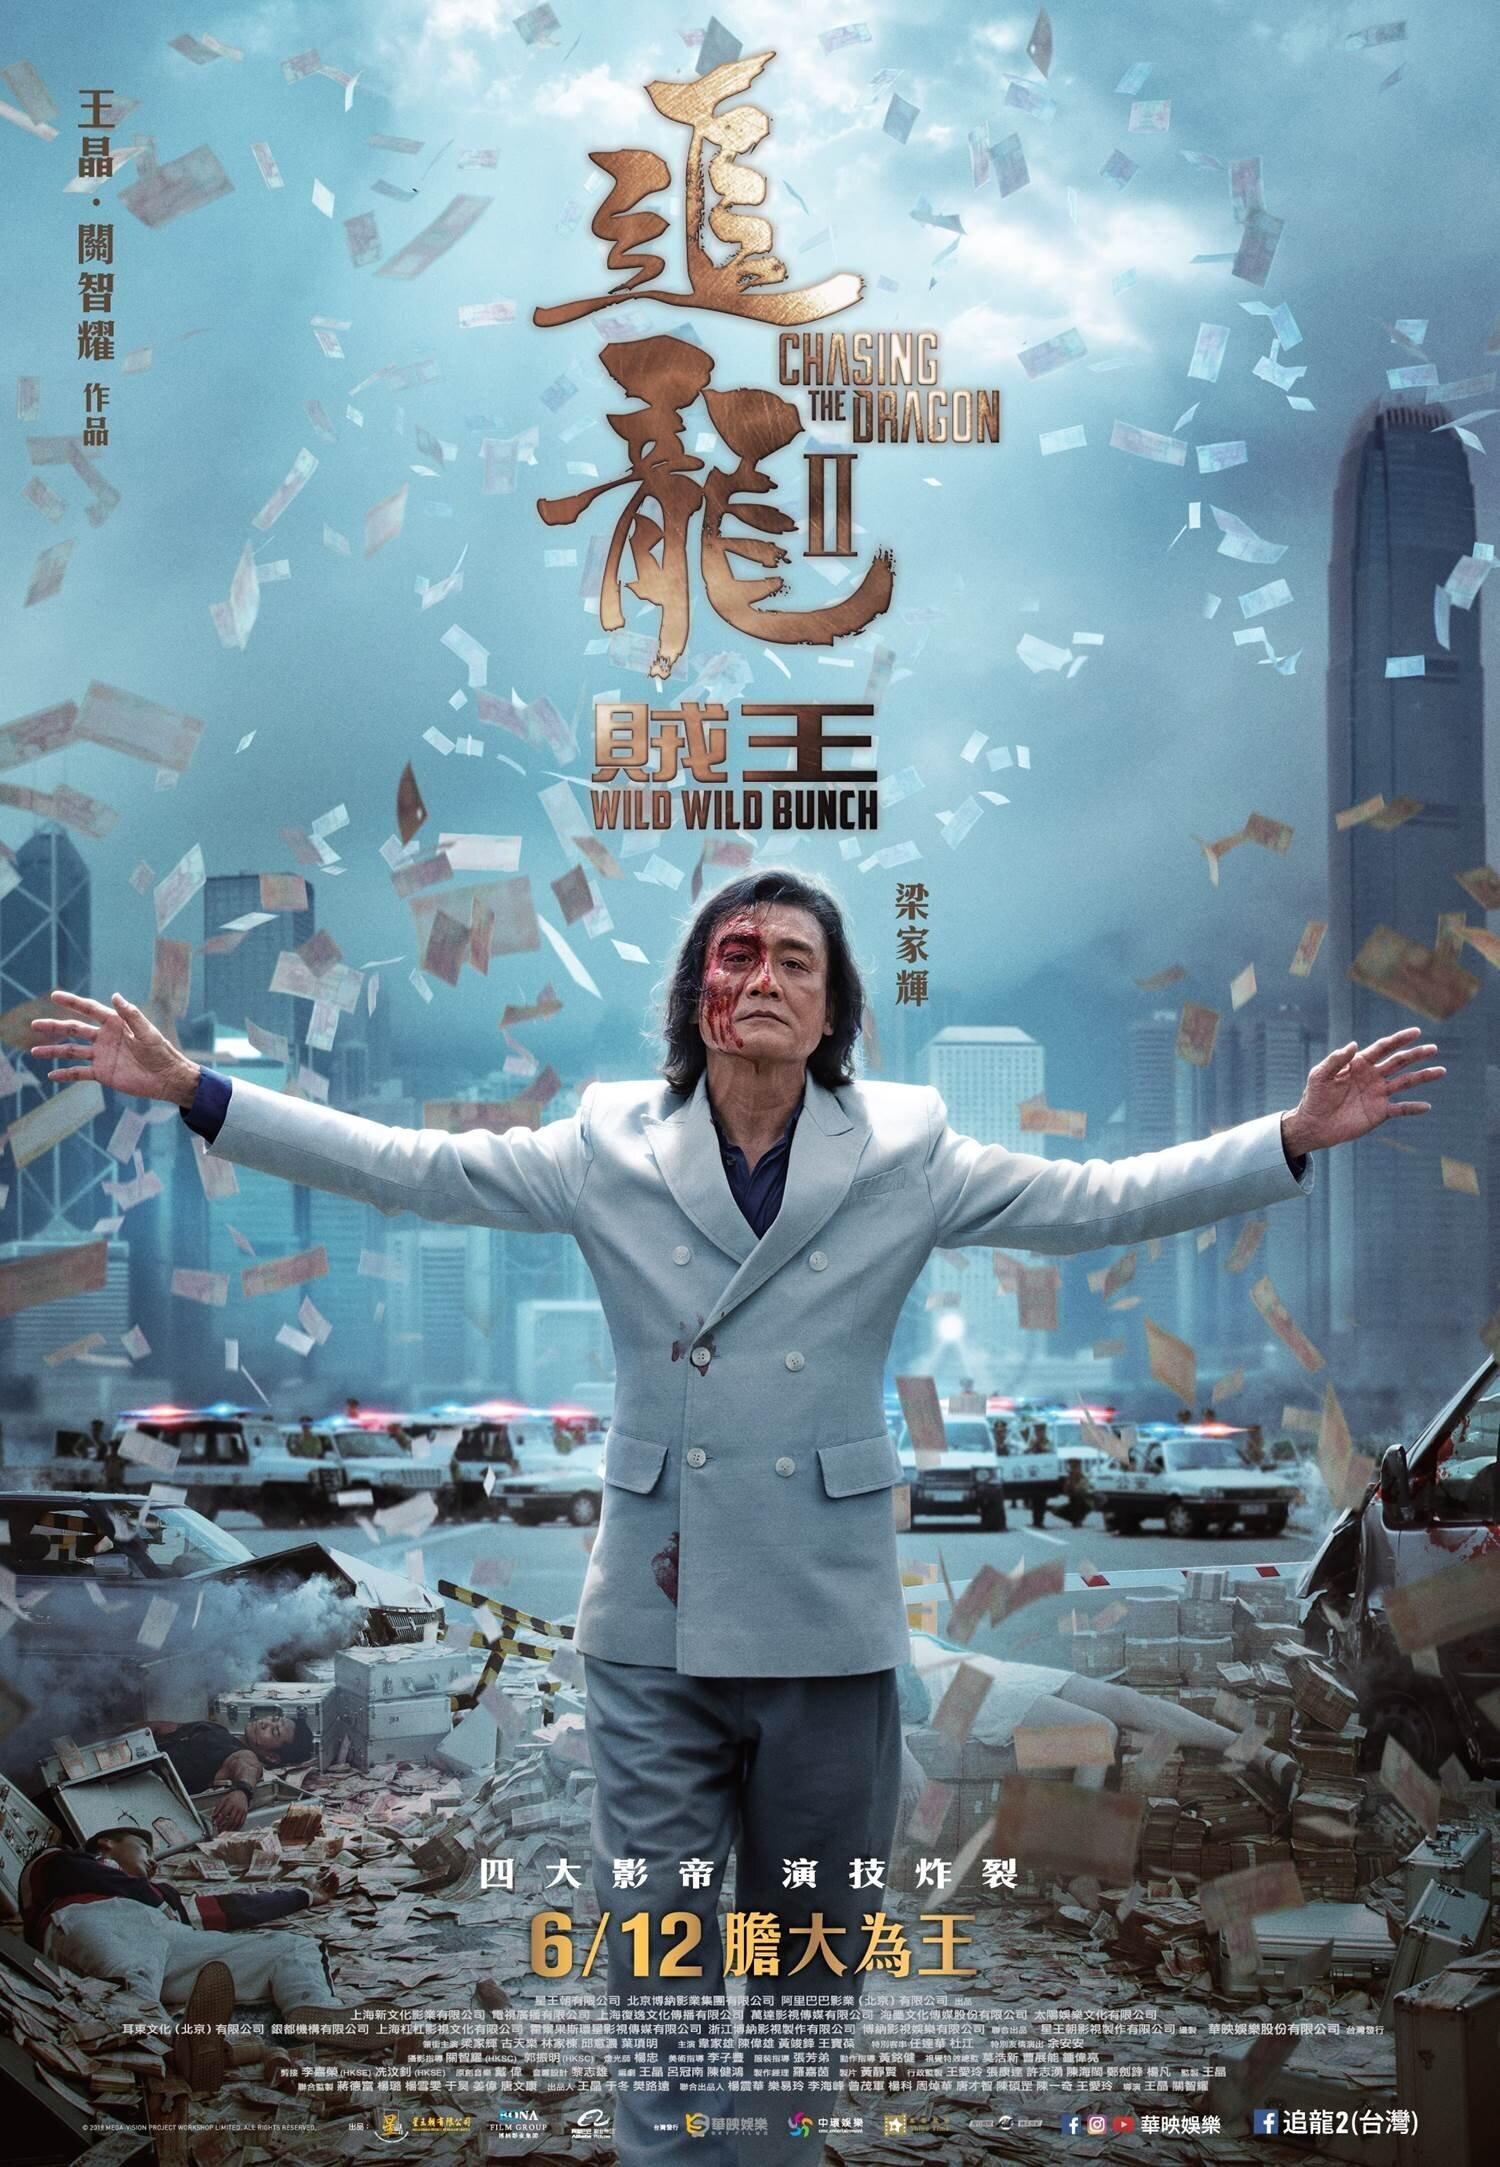 火爆警匪電影《追龍II:賊王》 集合《追龍》原班幕後團隊打造全新梟雄故事 - Yahoo奇摩電影